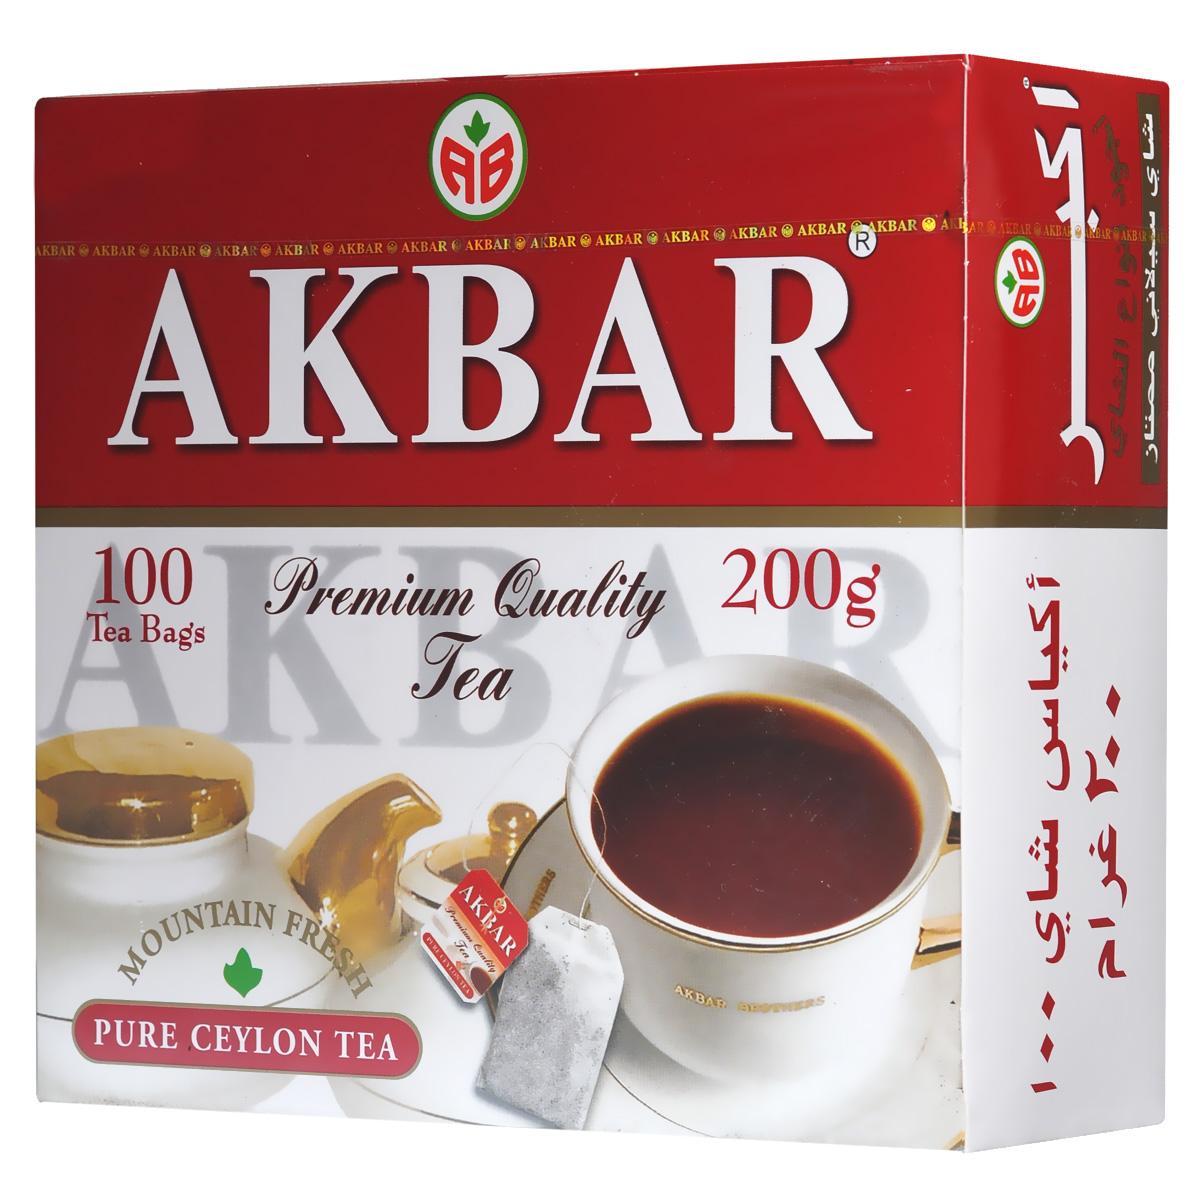 Akbar Mountain Fresh черный чай в пакетиках, 100 шт1050042Благоприятный климат и впитавший горную свежесть и дыхание моря кристально чистый воздух плантаций легендарных цейлонских чайных провинциях Kandy и Dimbula дают нежным чайным листочкам дивную силу, добавляя каждому, кто пьет чай Akbar Mountain Fresh, нескончаемую энергию и бодрость.Продукция Arbar подвергается обязательному многоступенчатому контролю и испытаниям опытными технологами и дегустаторами на всем пути, который чай этой торговой марки проходит от плантации до конечного потребителя.Всё о чае: сорта, факты, советы по выбору и употреблению. Статья OZON Гид